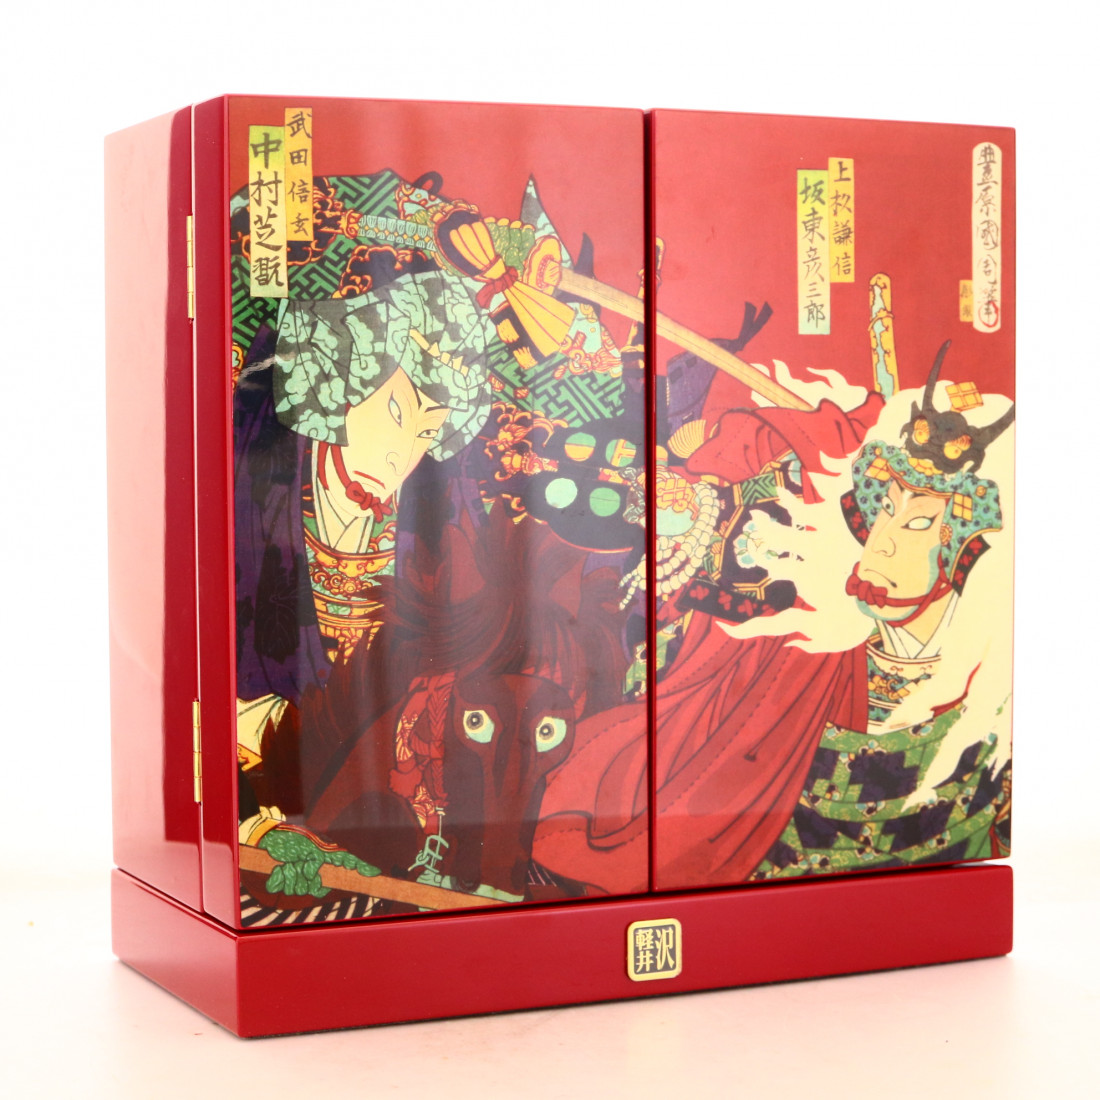 Karuizawa 1981 Battle of Kawanakajima 35 Year Old 2 x 70cl / Casks #7922 & #226